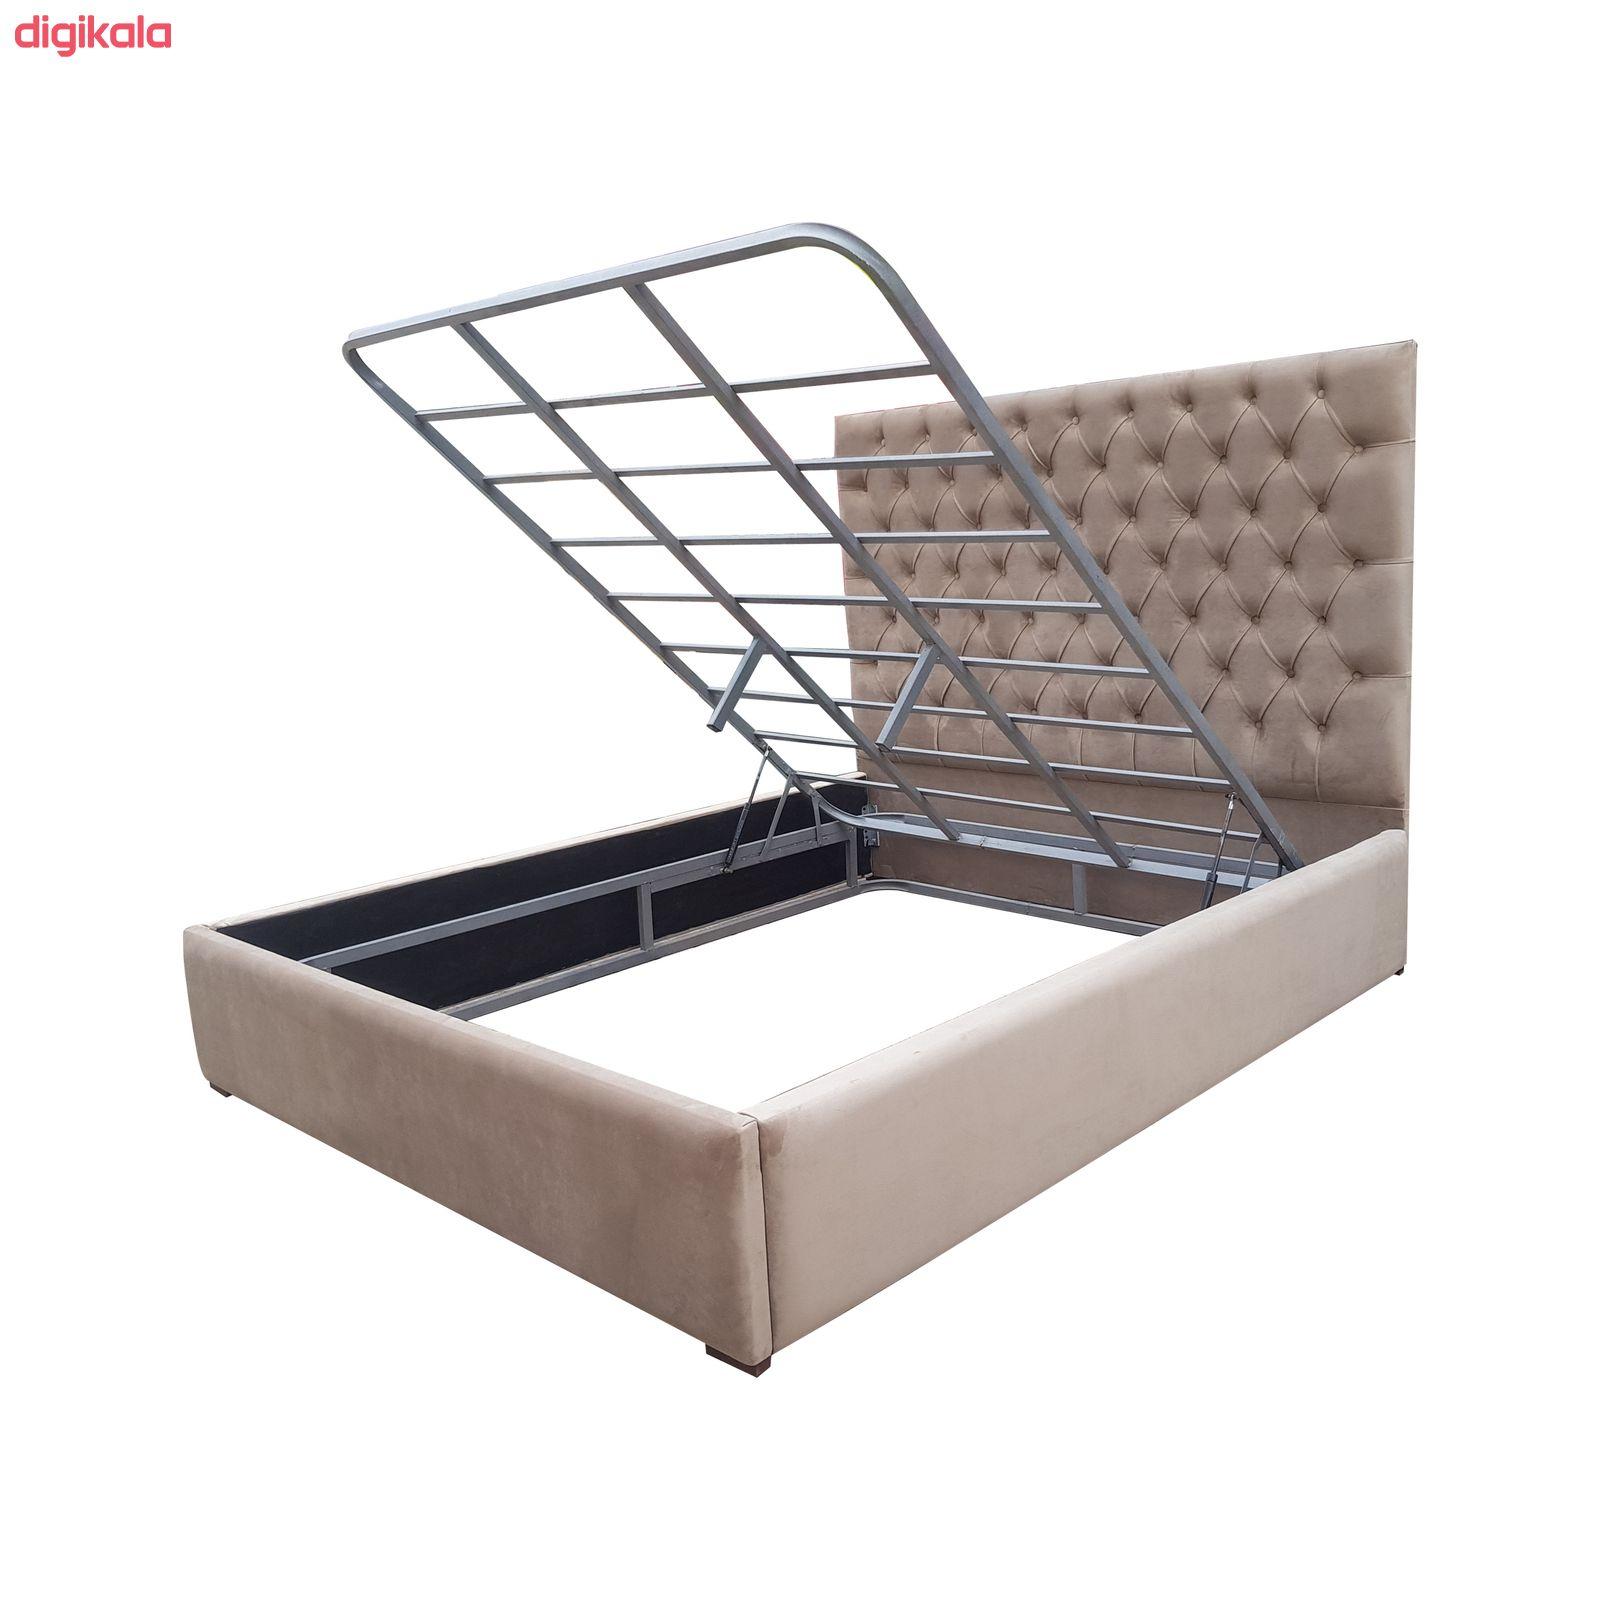 تخت خواب دونفره مدل میلان سایز 160×200 سانتی متر main 1 1